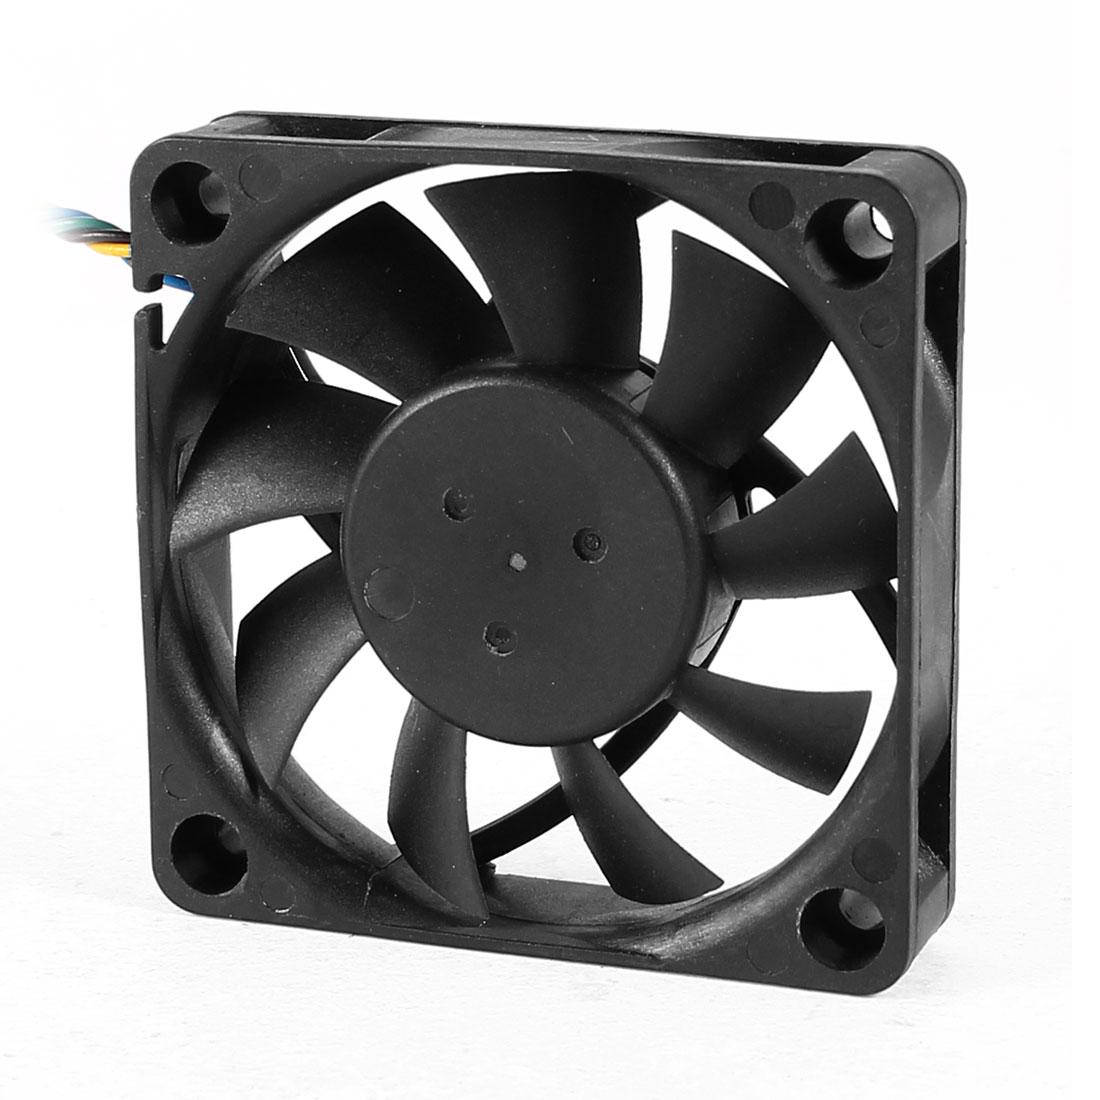 AFB0612VHC 60mm x 13mm 4Pin PWM DC 12V Brushless PC CPU Cooling Fan